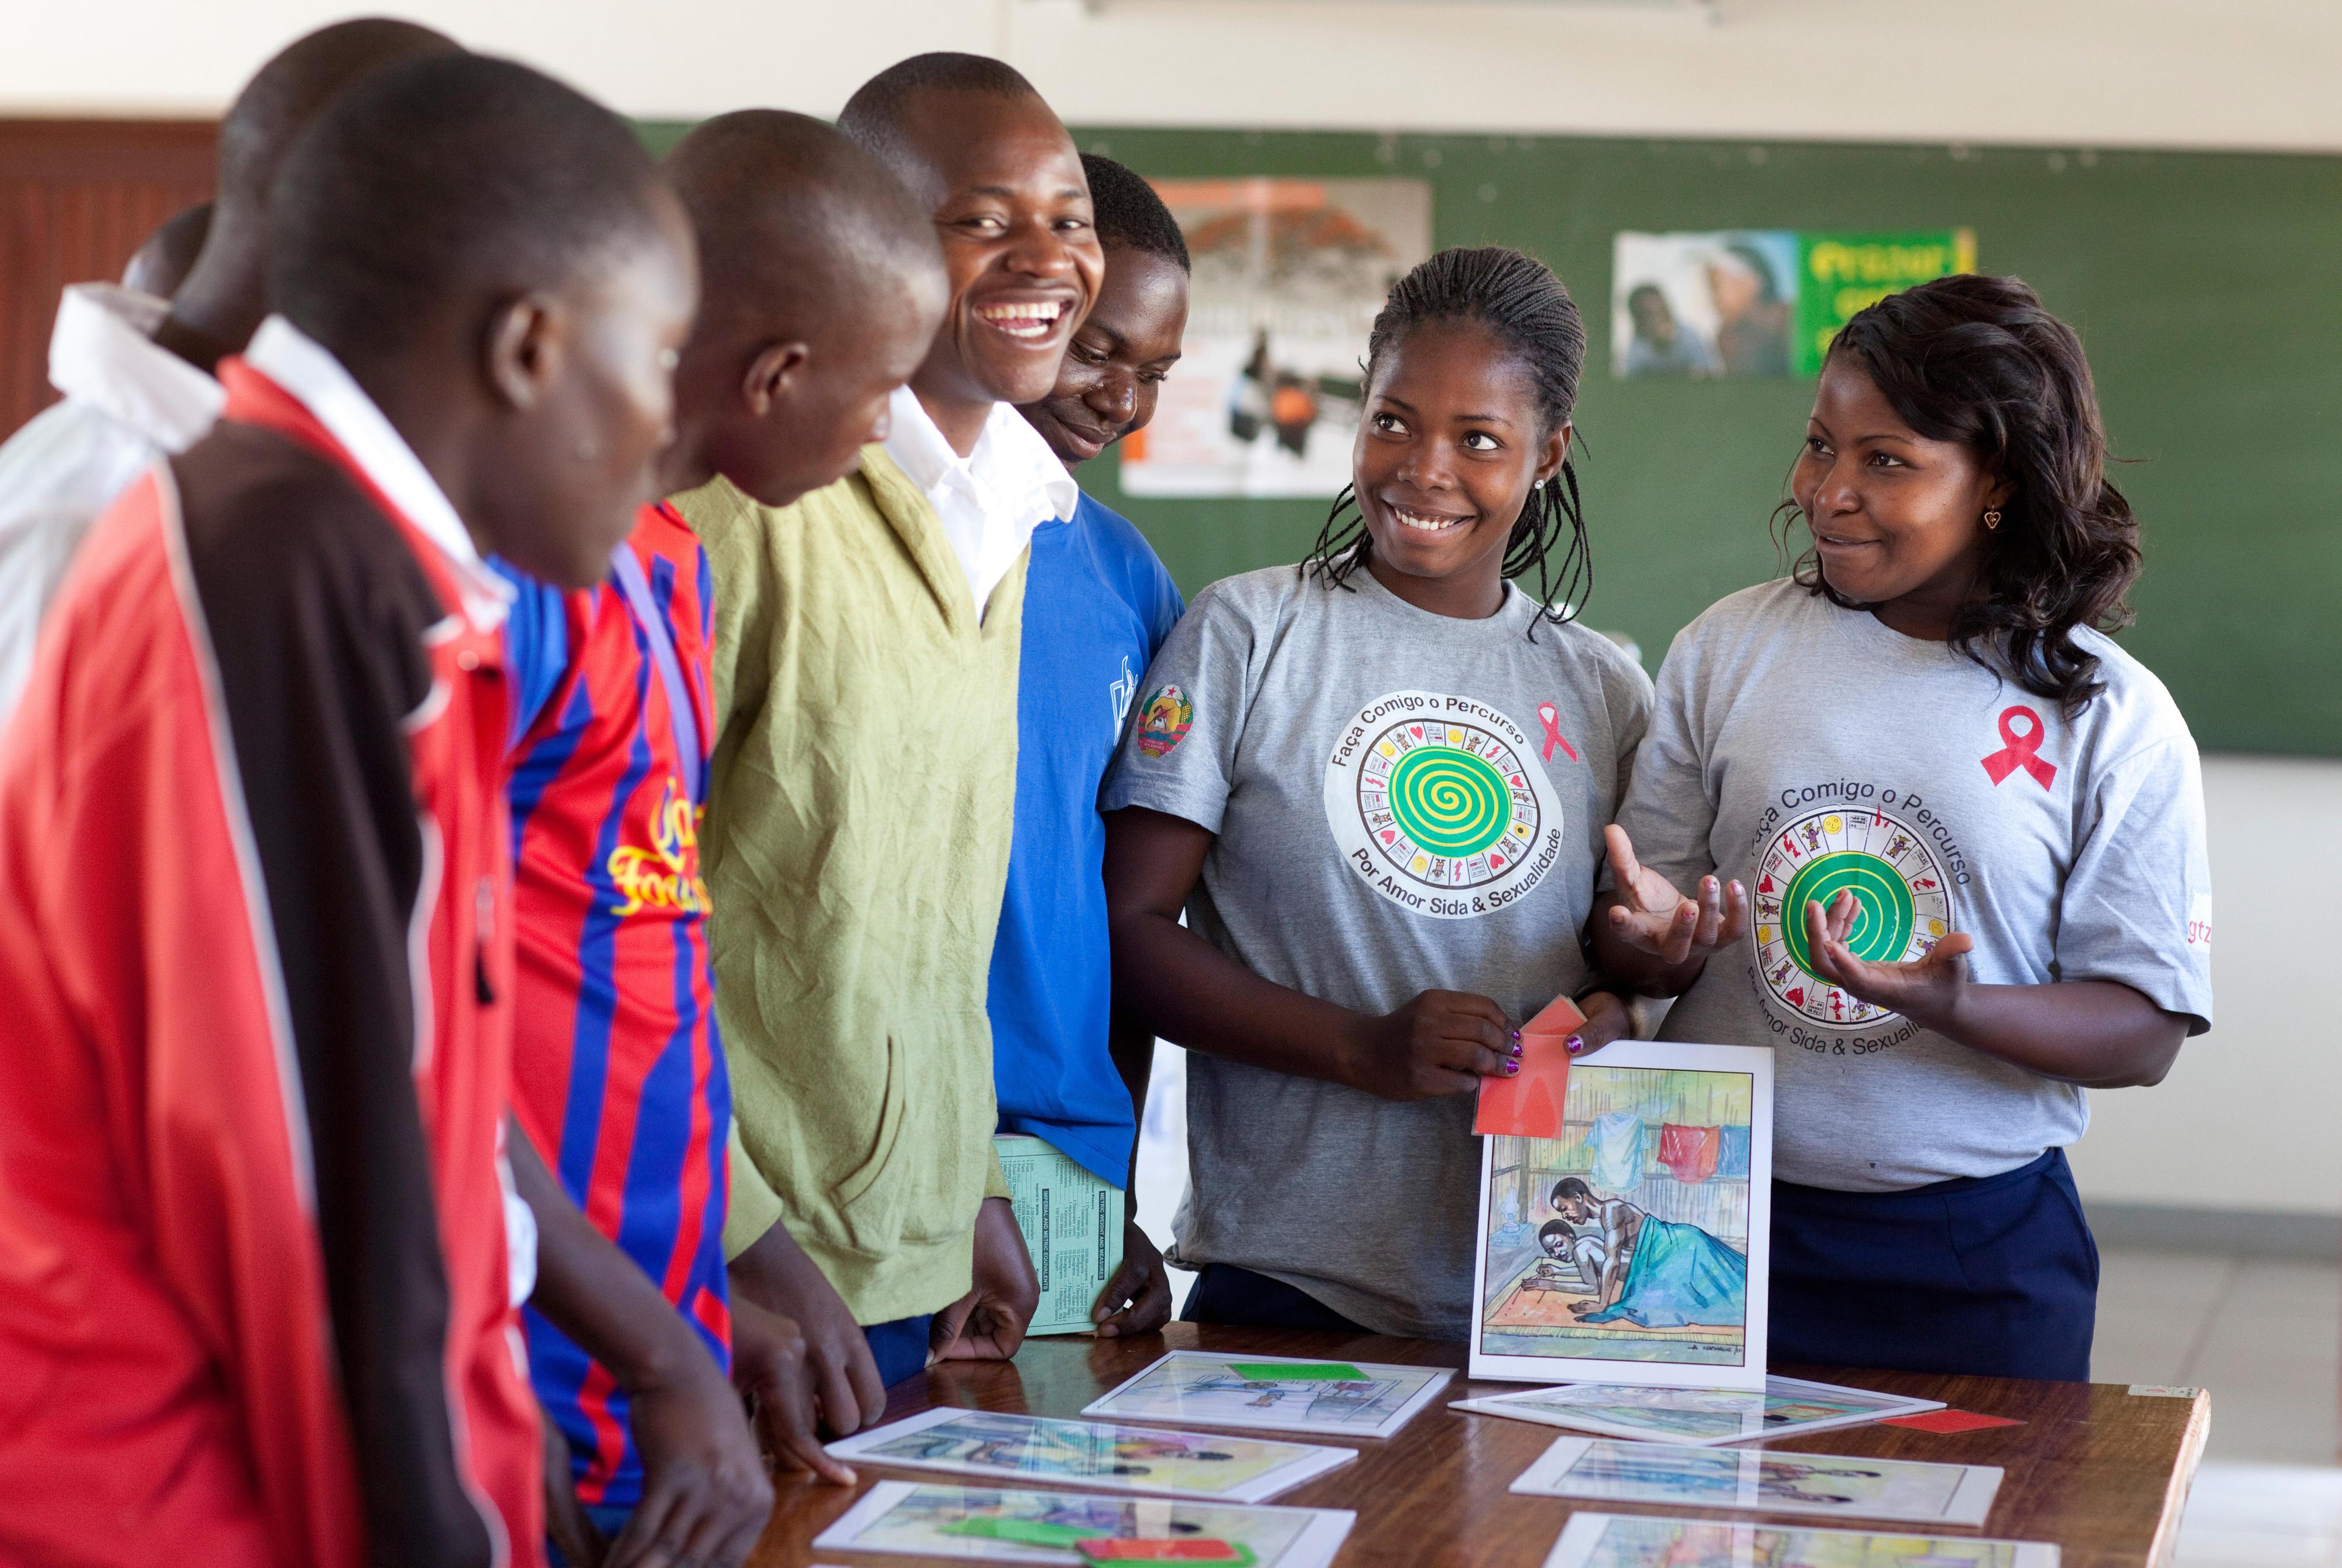 Angehende Lehrerinnen in Mosambik informieren Kollegen über die Risiken einer HIV-Infektion